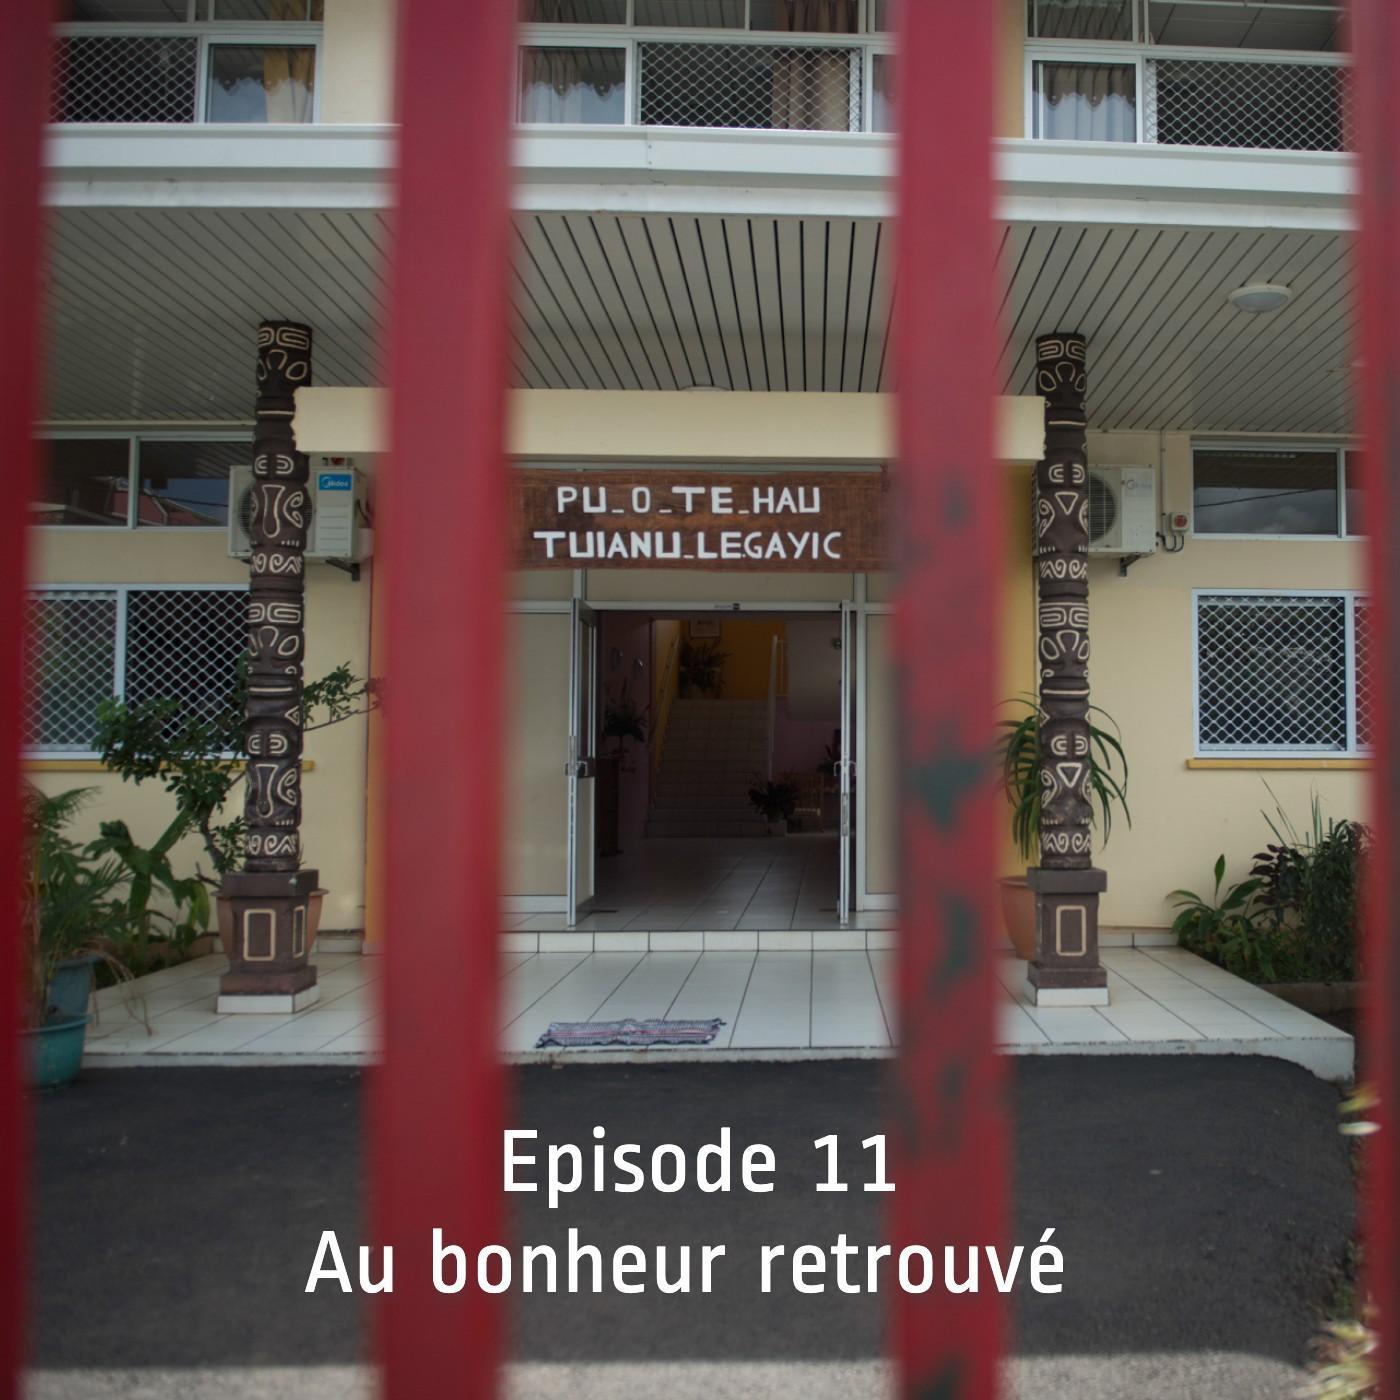 Episode 11 - Au Bonheur Retrouvé